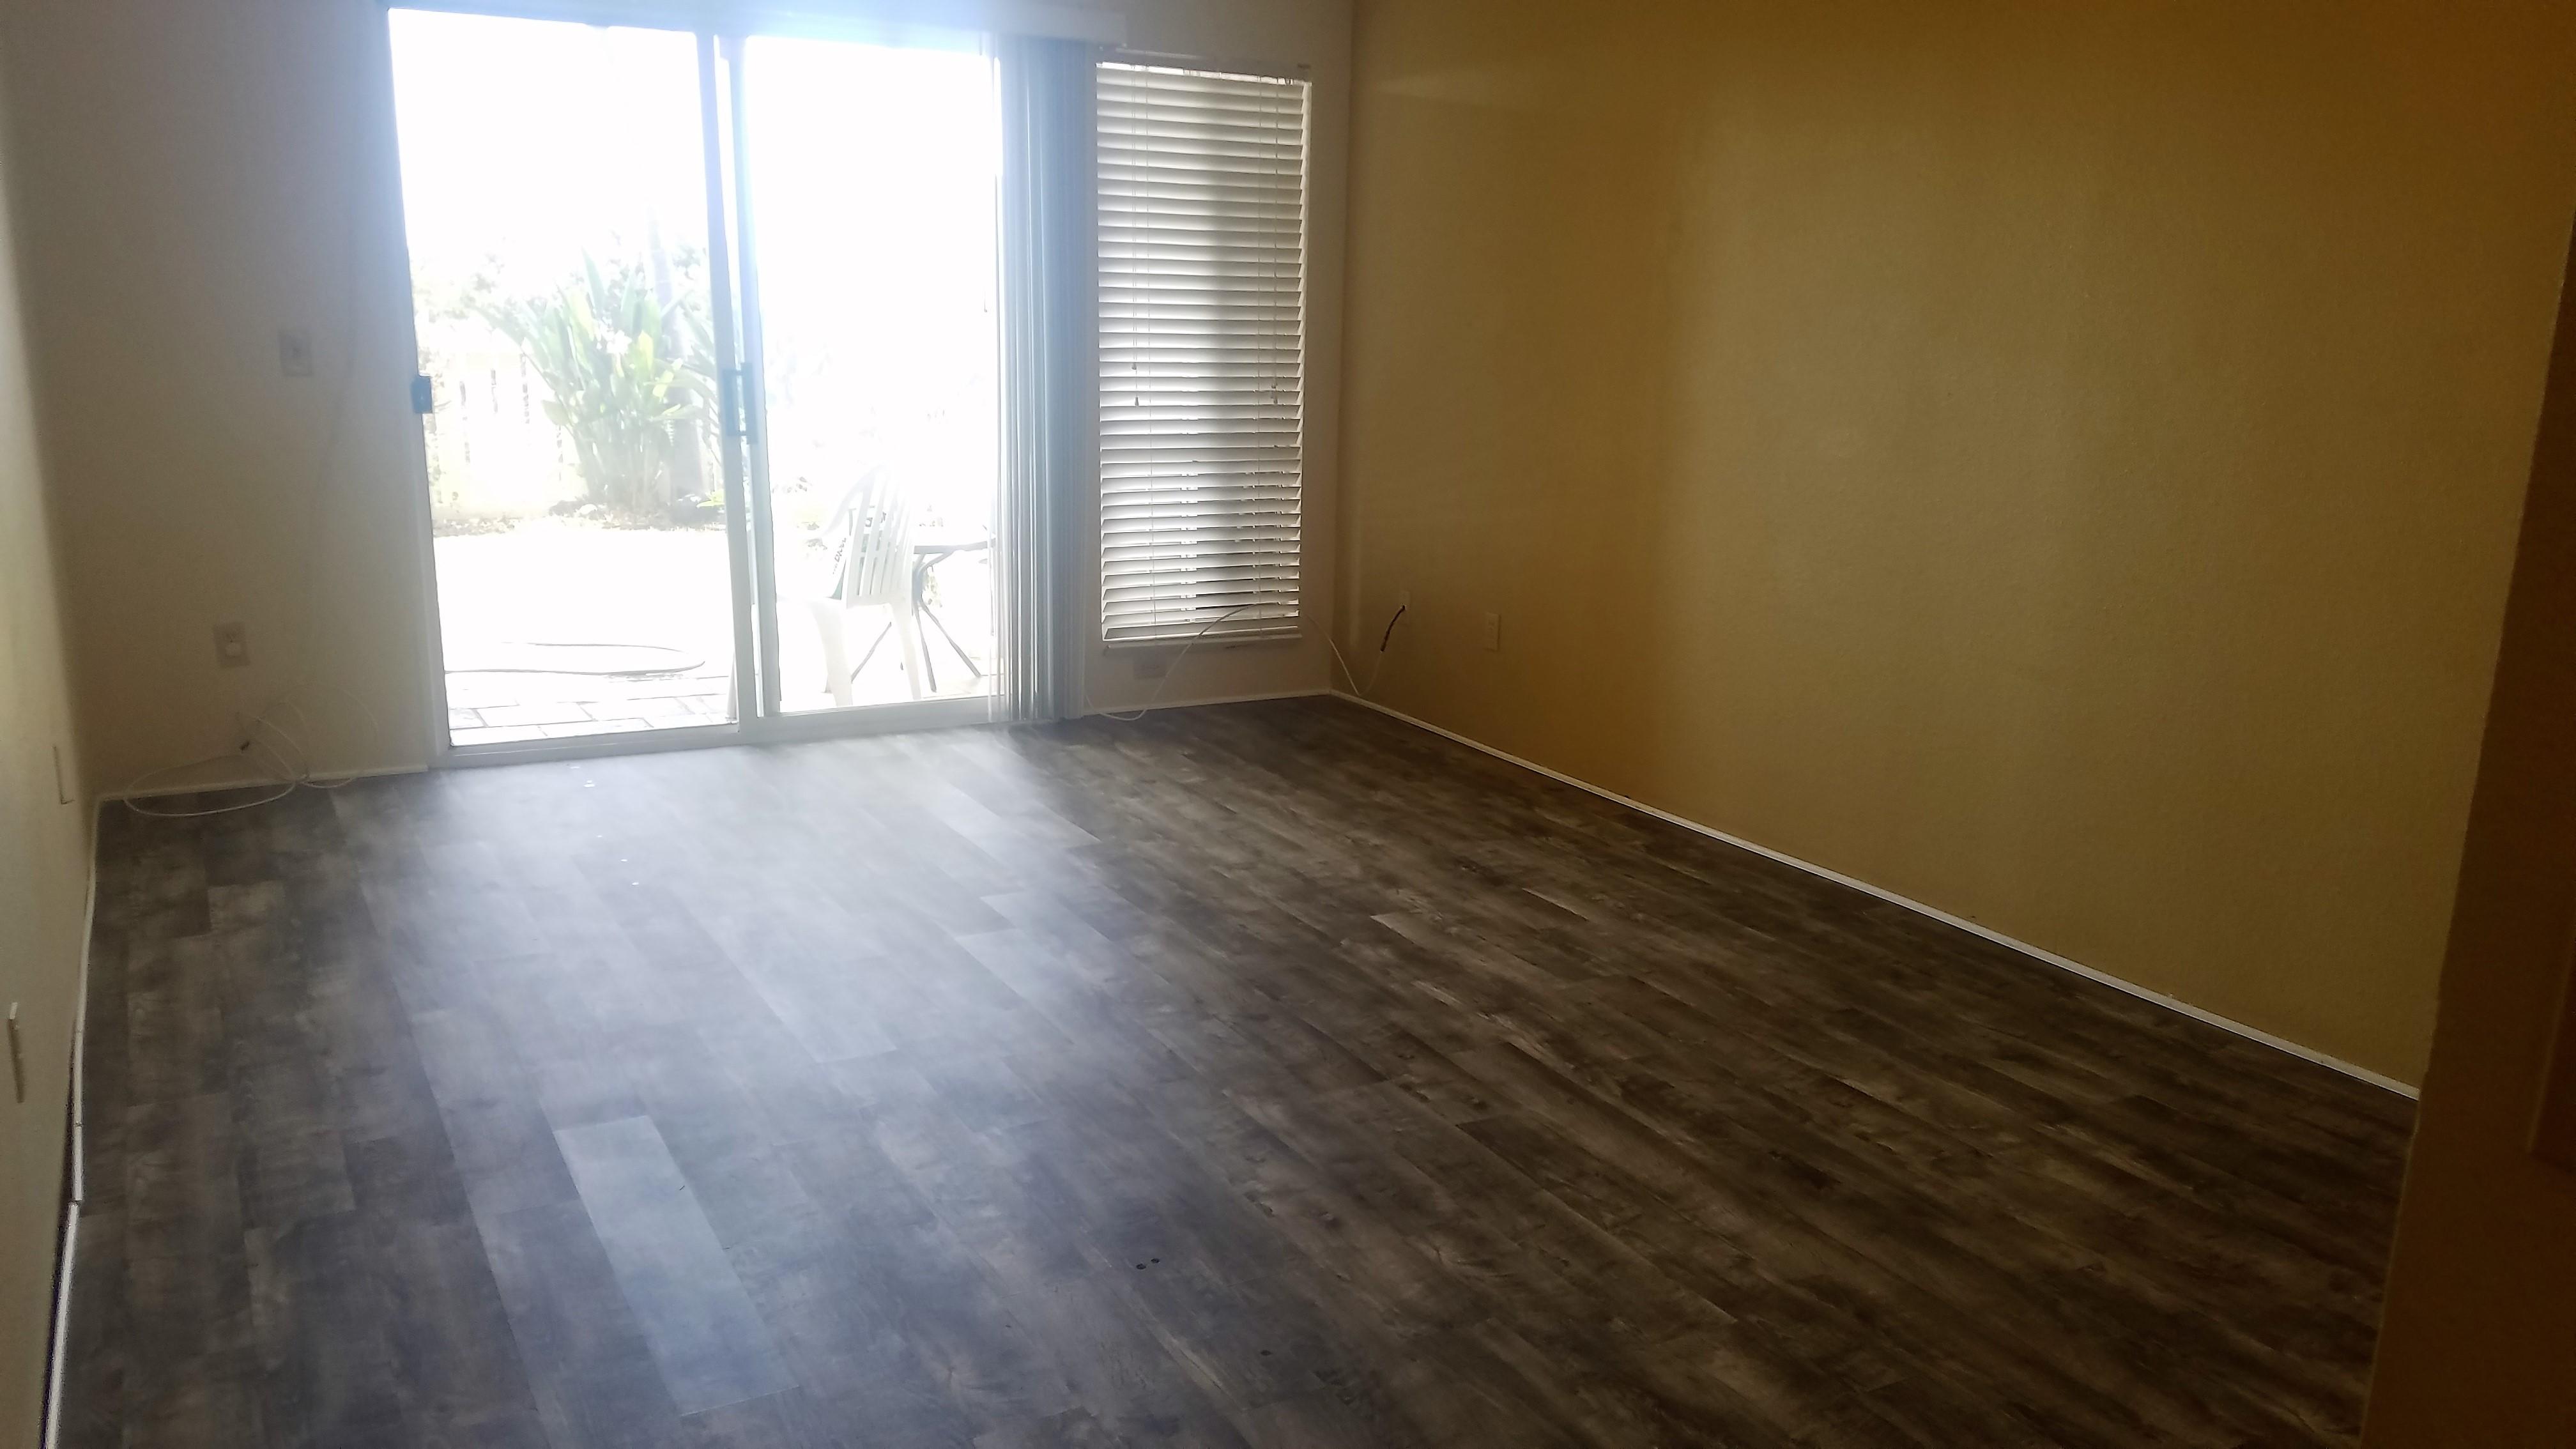 Palahia livingroom 3